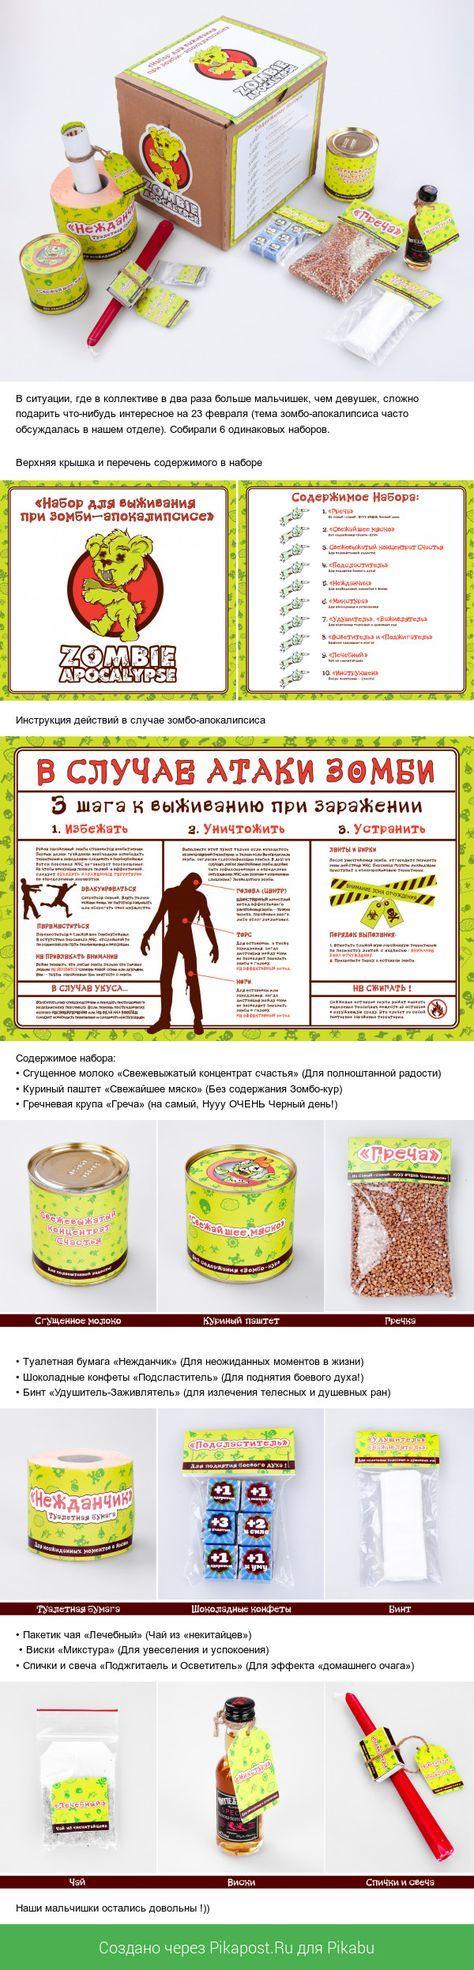 Подарок на 23 февраля мальчишкам нашего отдела (рисовали, собирали сами). 23 февраля, подарок на 23 февраля, Зомби, зомбо-апокалипсис, апокалипсис, подарок парню, длиннопост